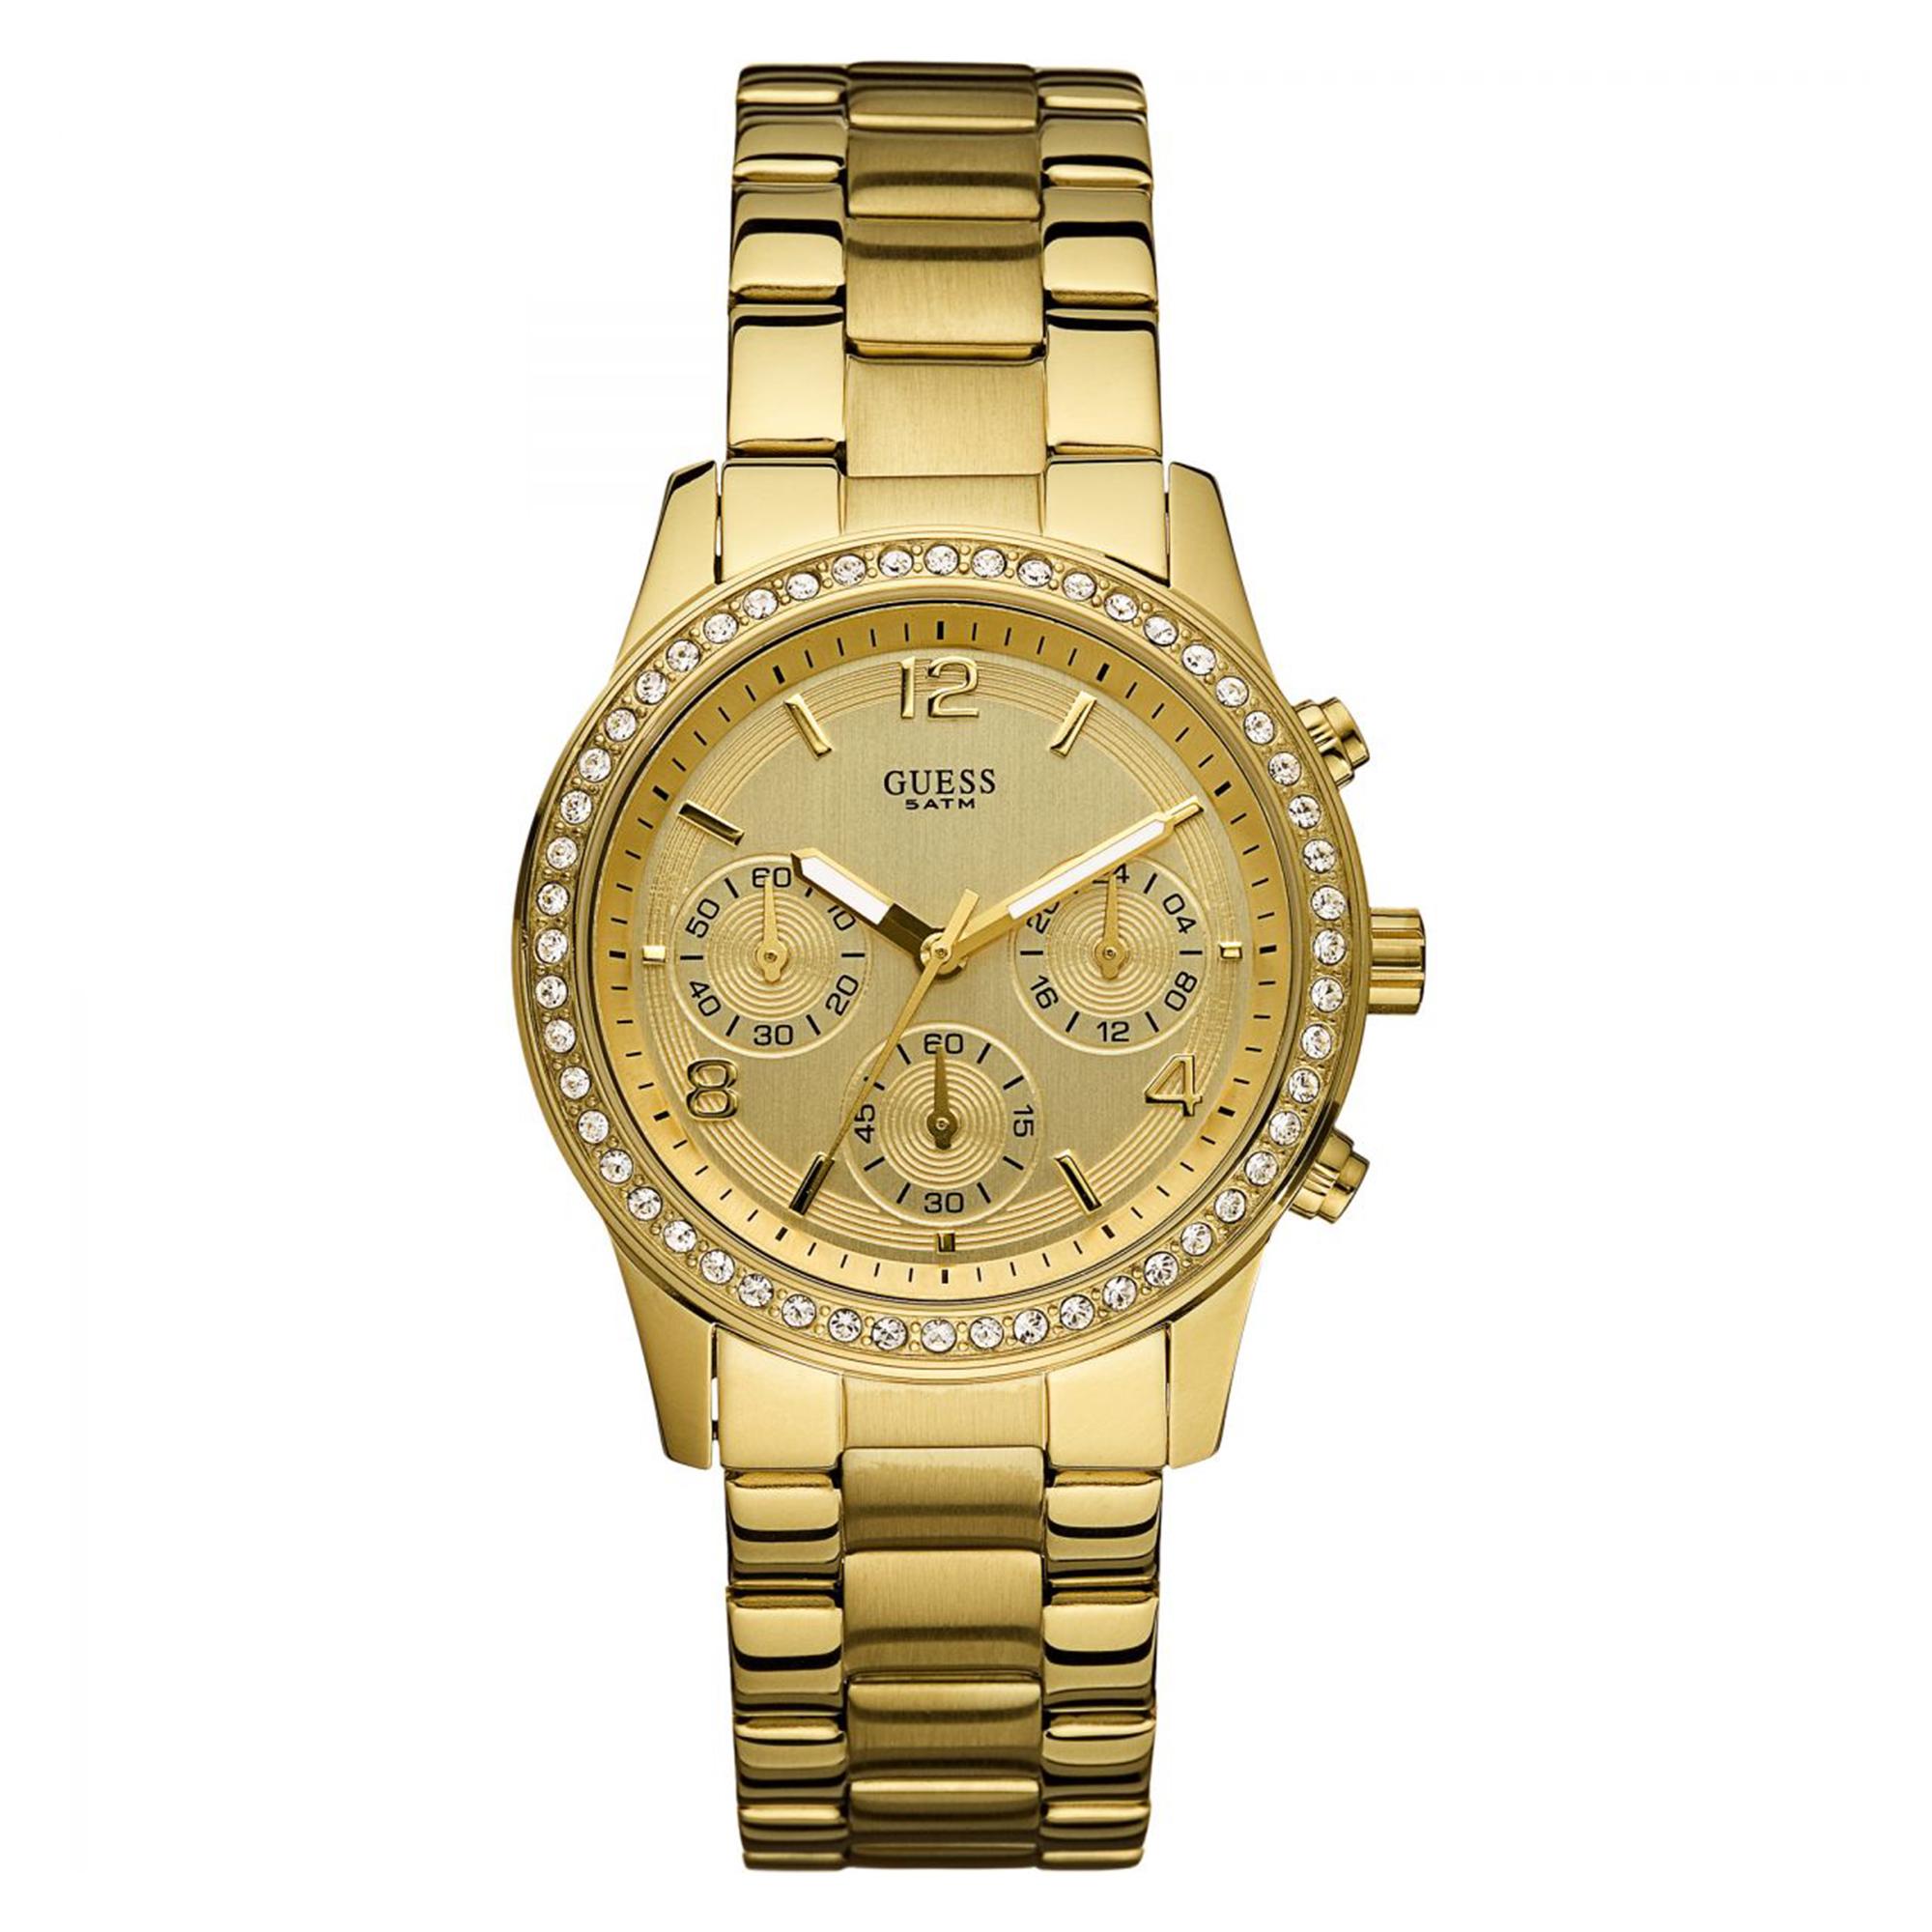 خرید ساعت مچی عقربه ای زنانه گس مدل W16567L1